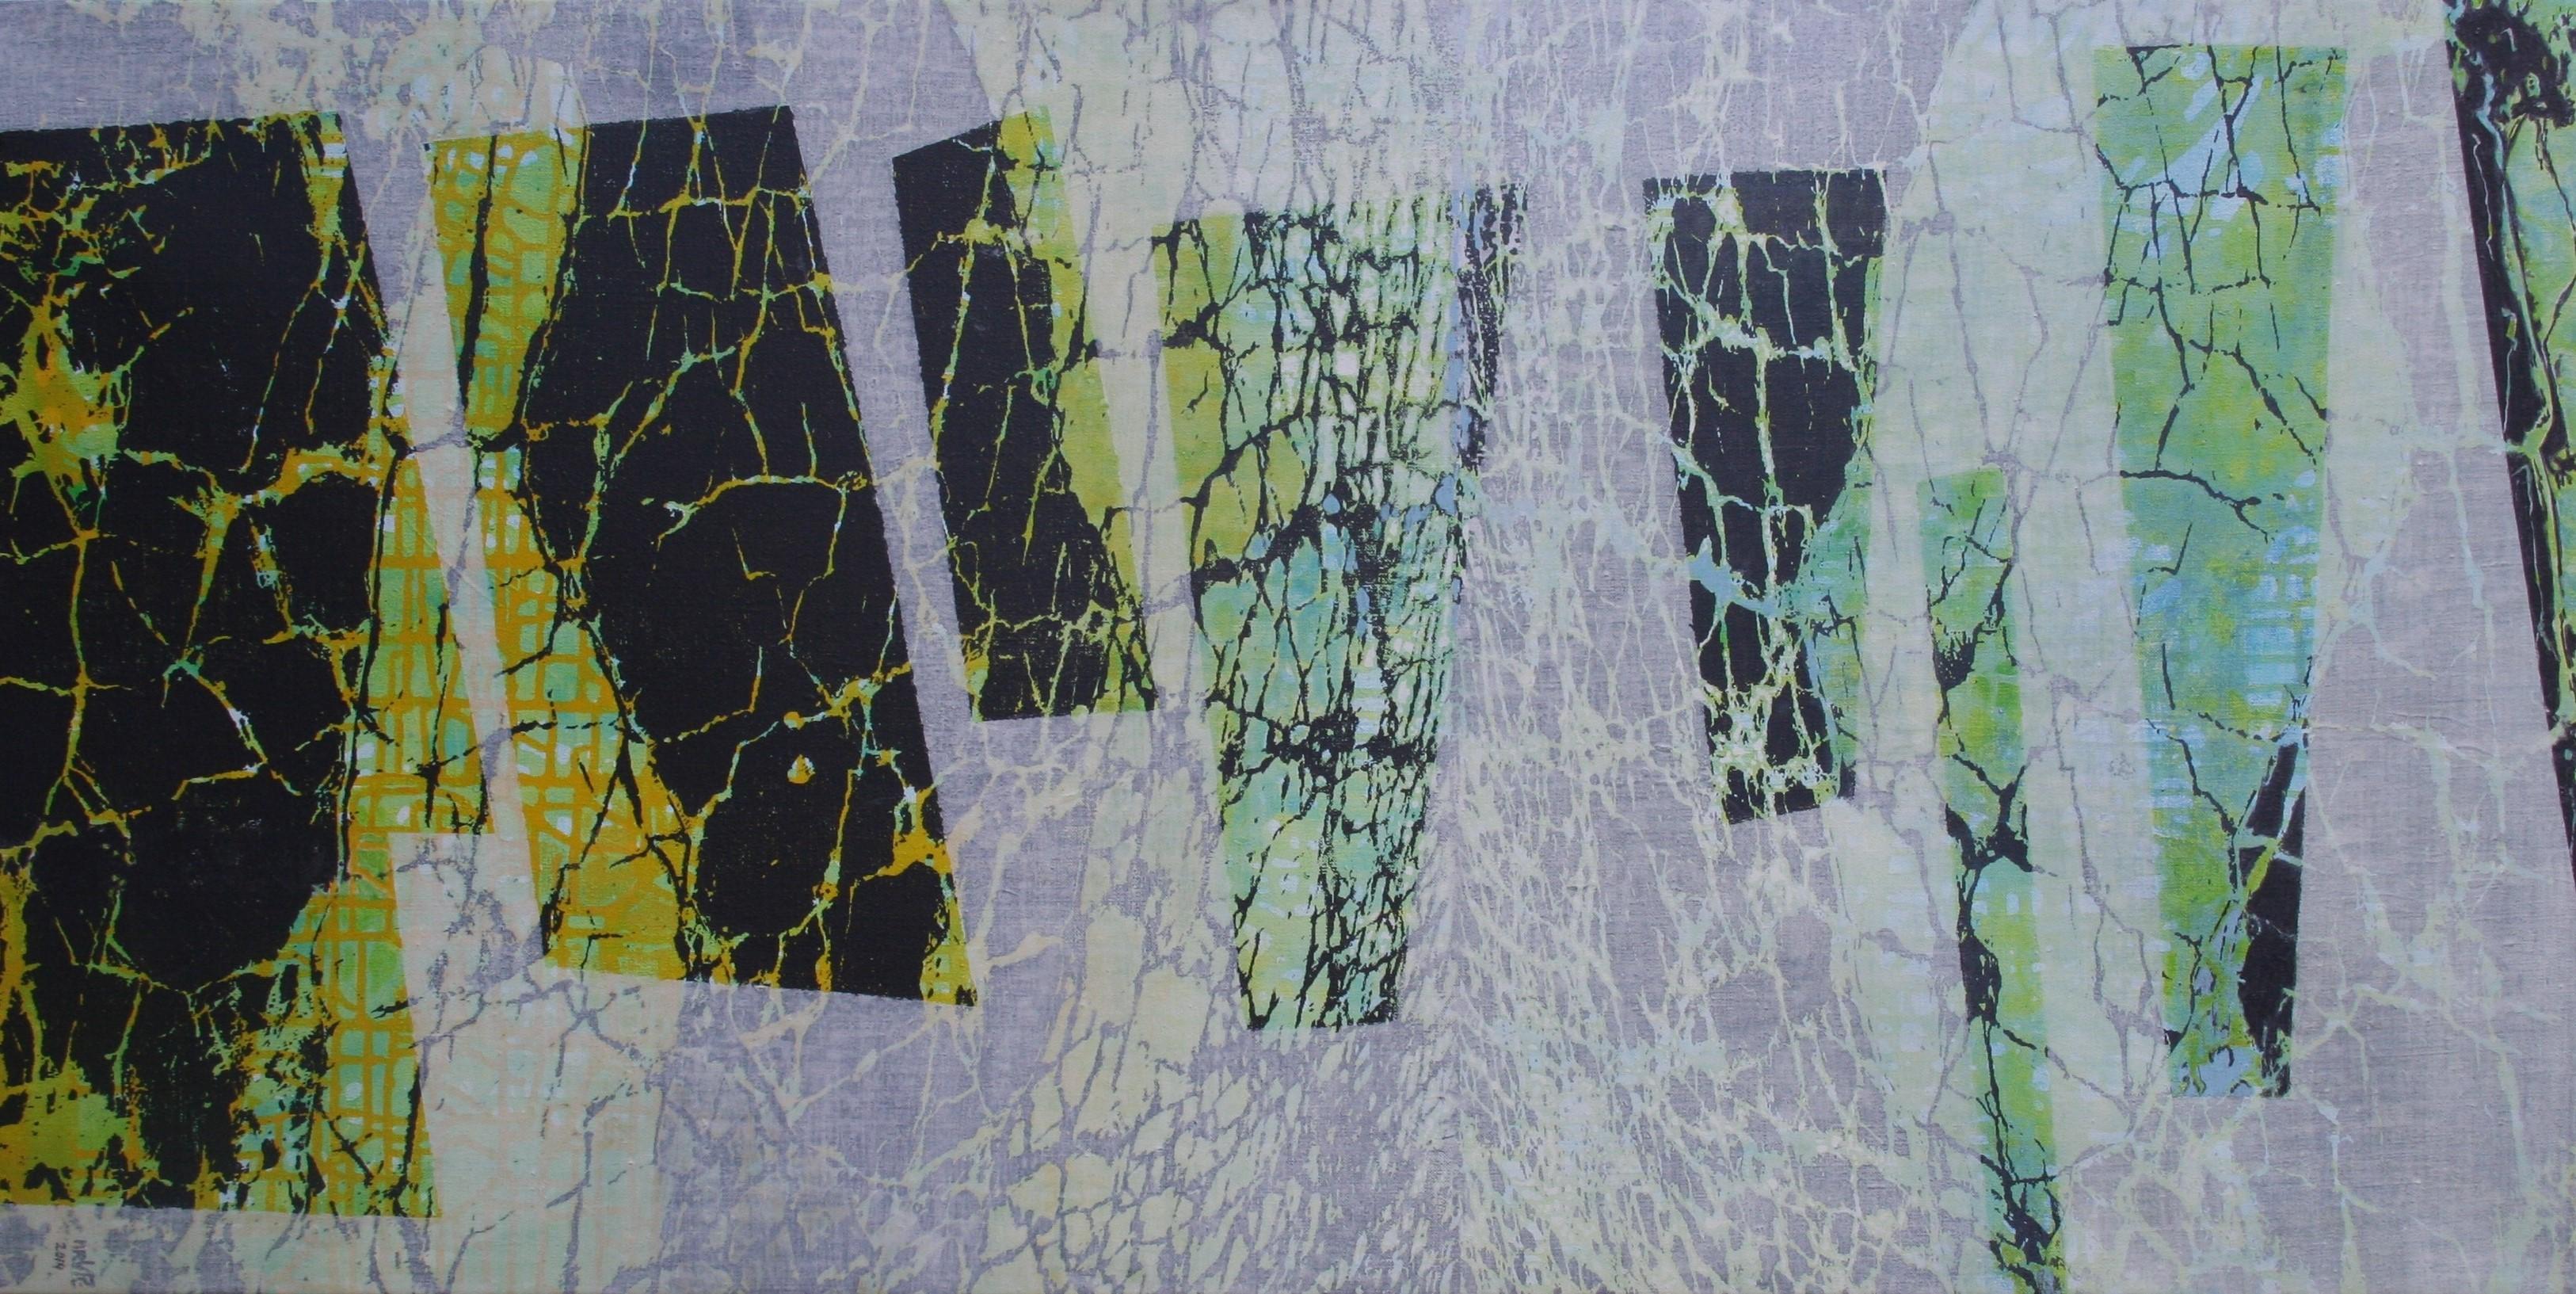 Opklaringen zeefdruk-acryl op linnen  70 x 140